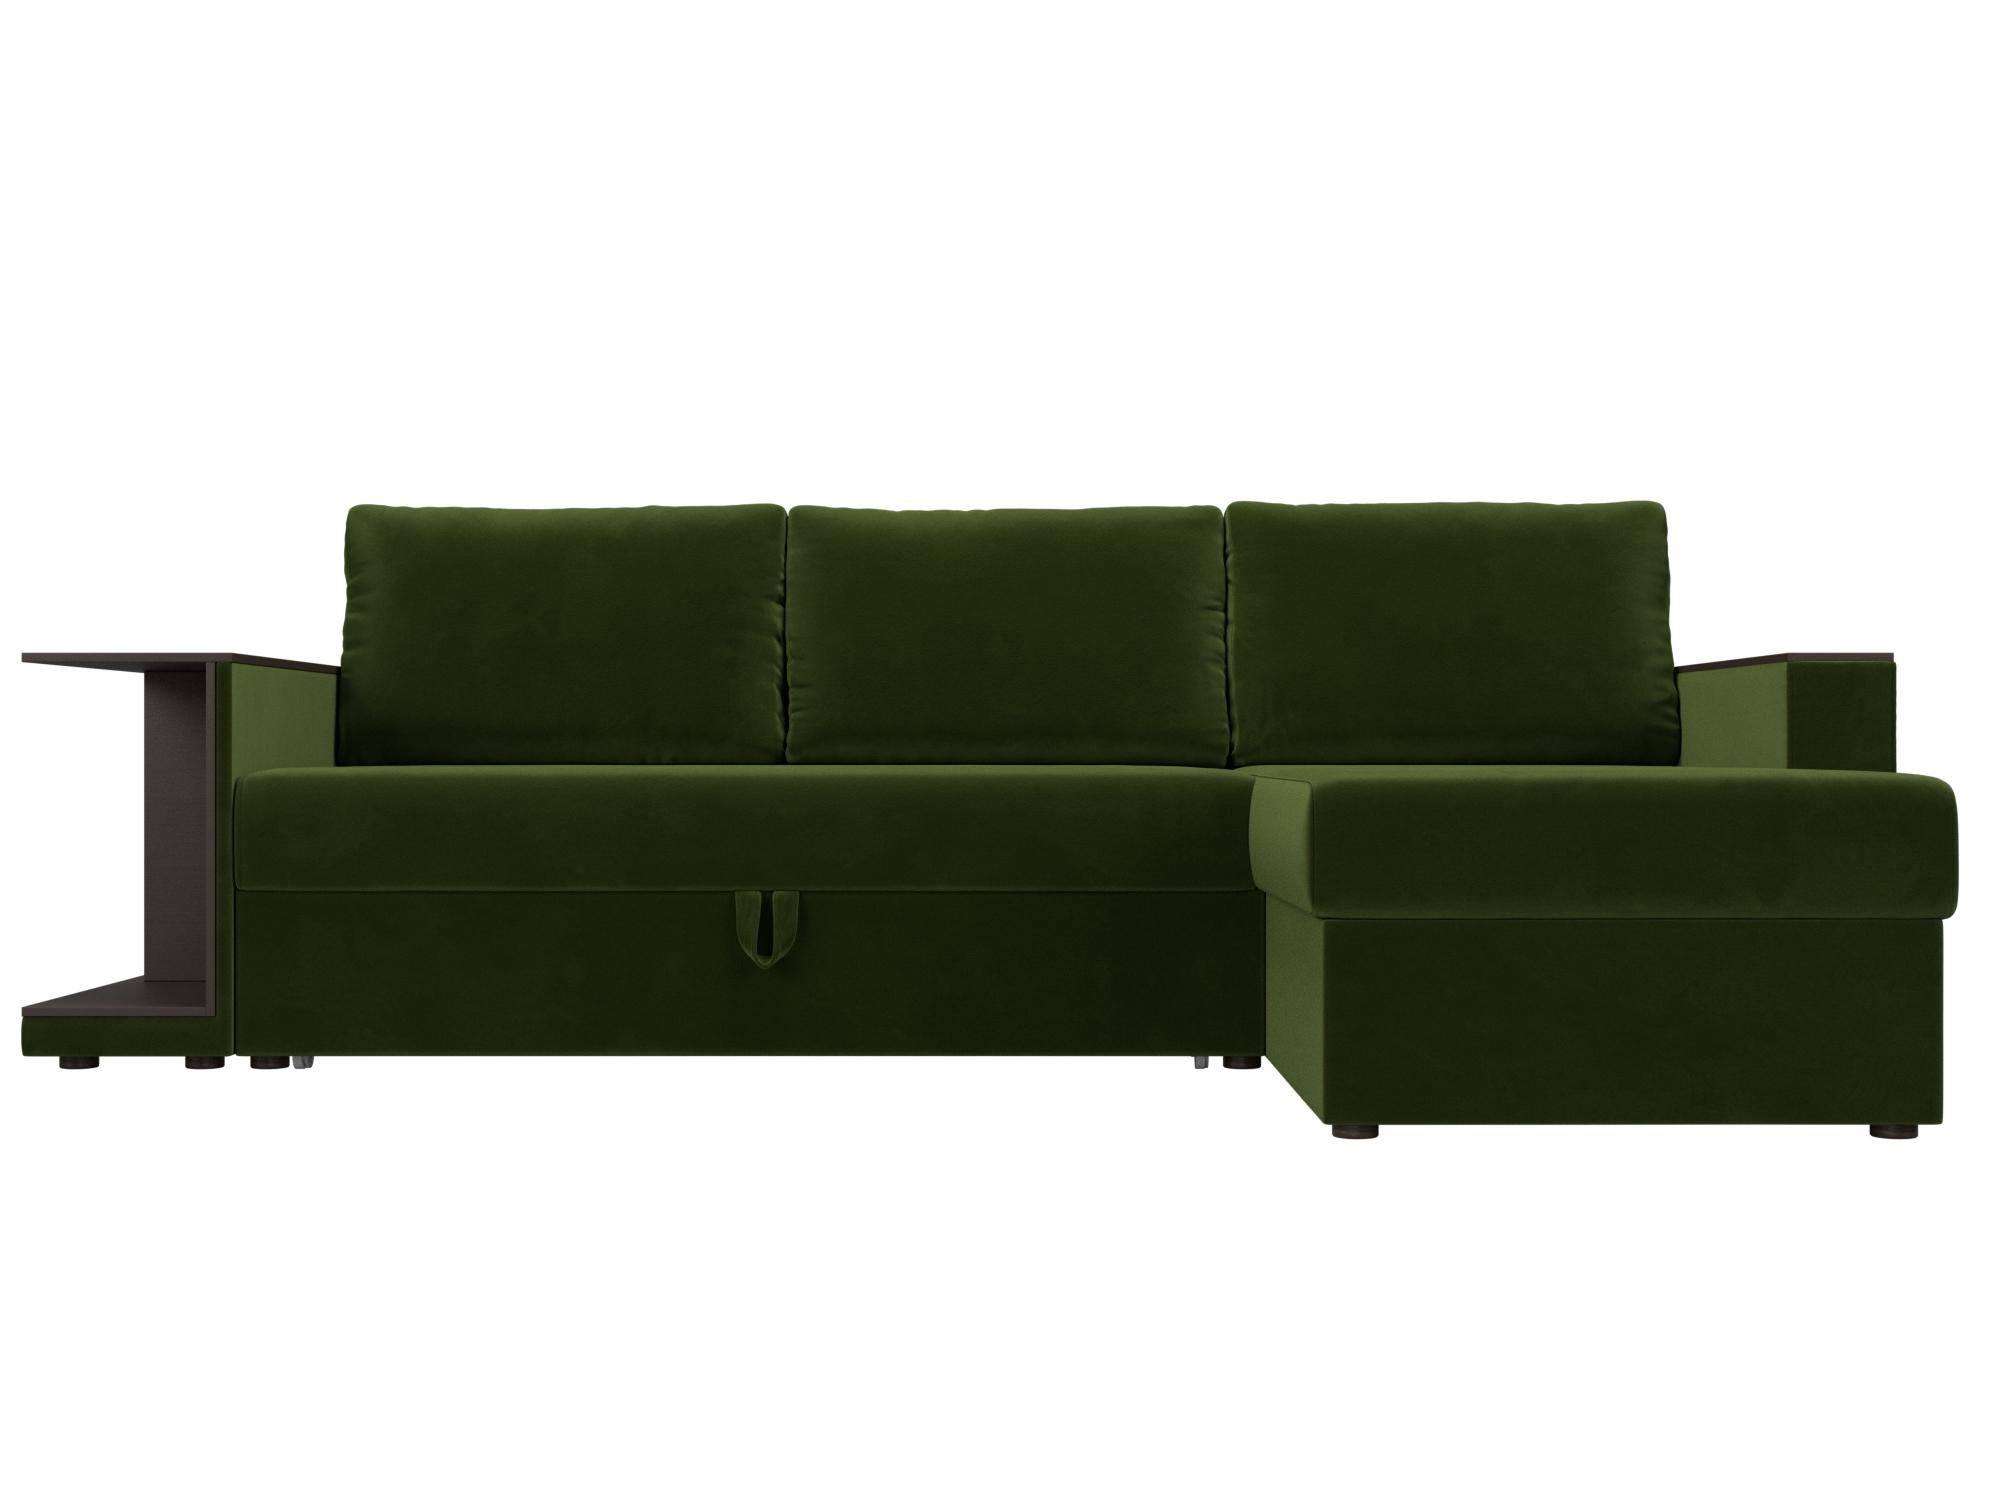 Угловой диван Атланта С Правый MebelVia Зеленый, Микровельвет, ЛДСП Зеленый